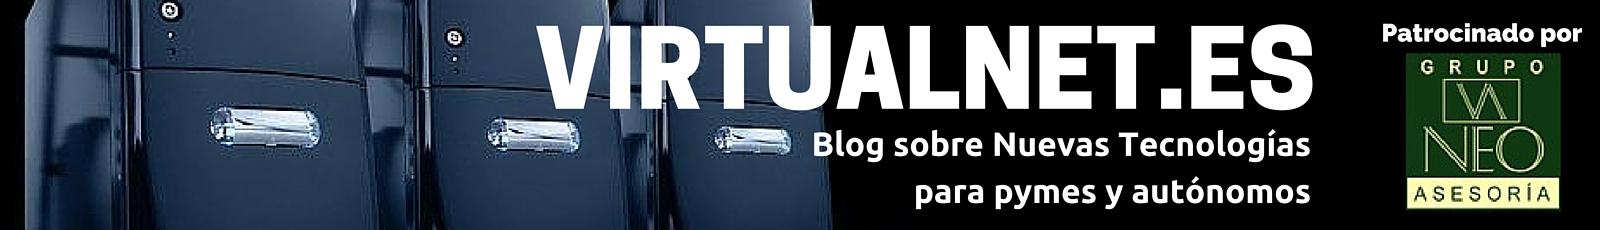 VIRTUALNET | Blog sobre nuevas tecnologías